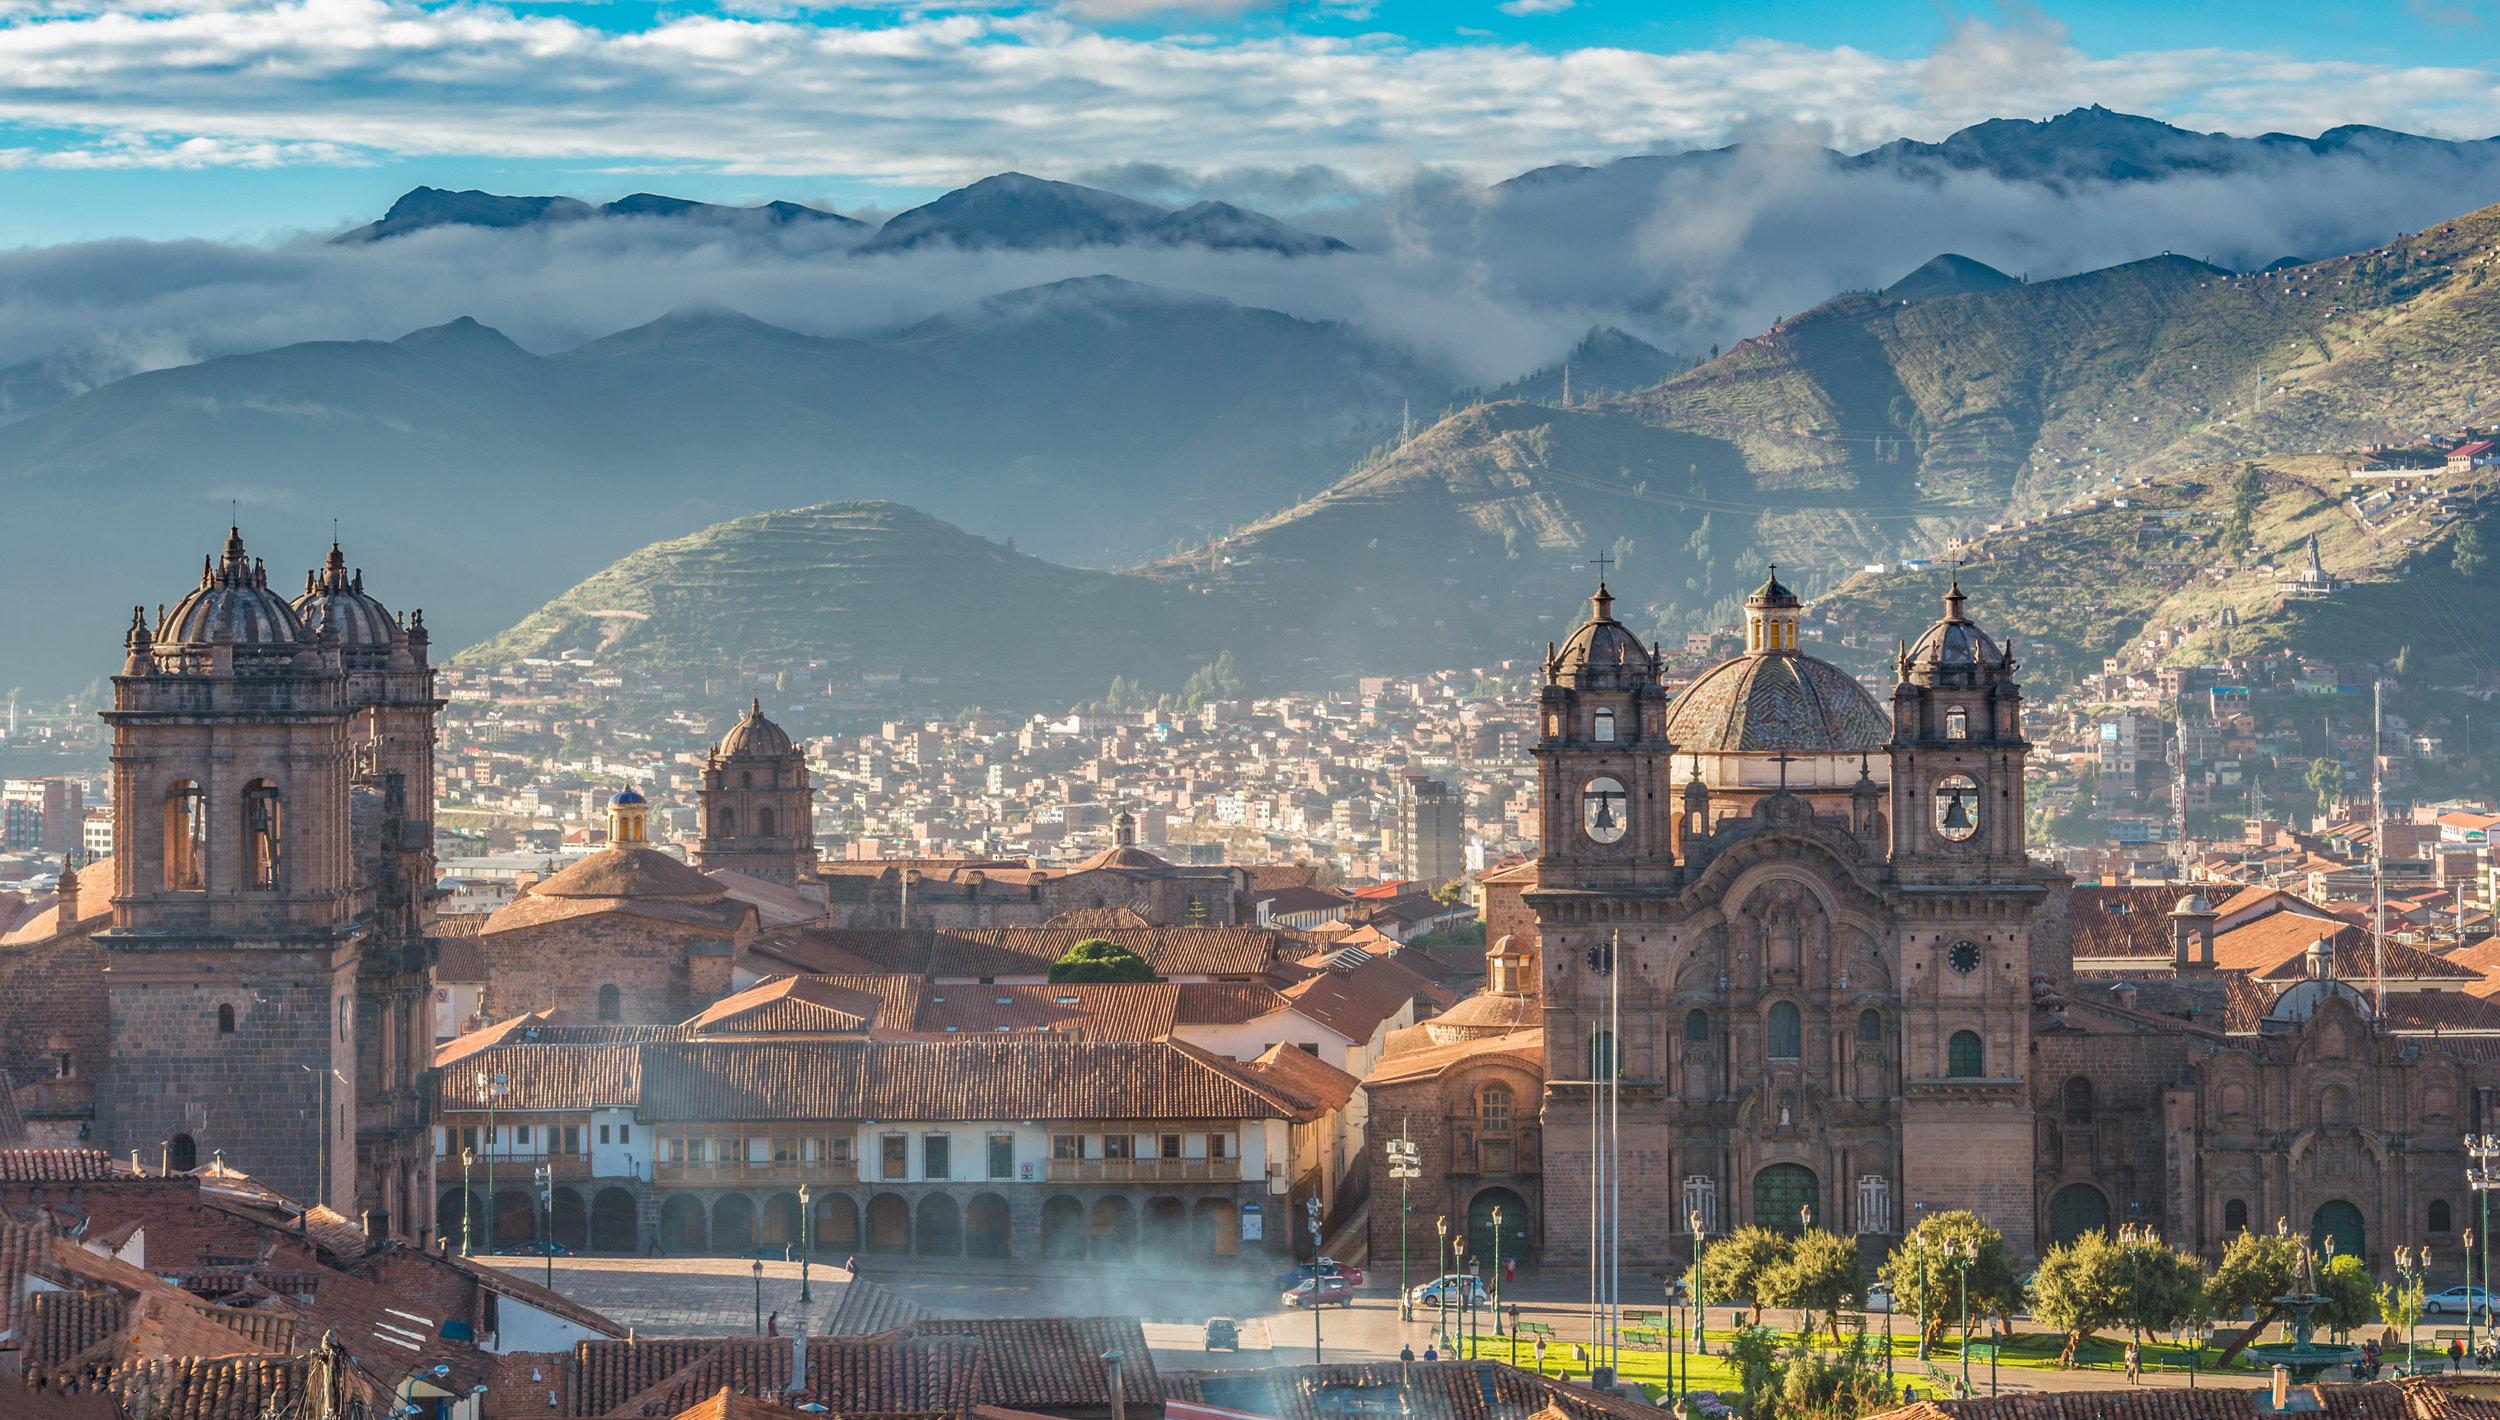 Cusco_shutterstock_354971309.jpg